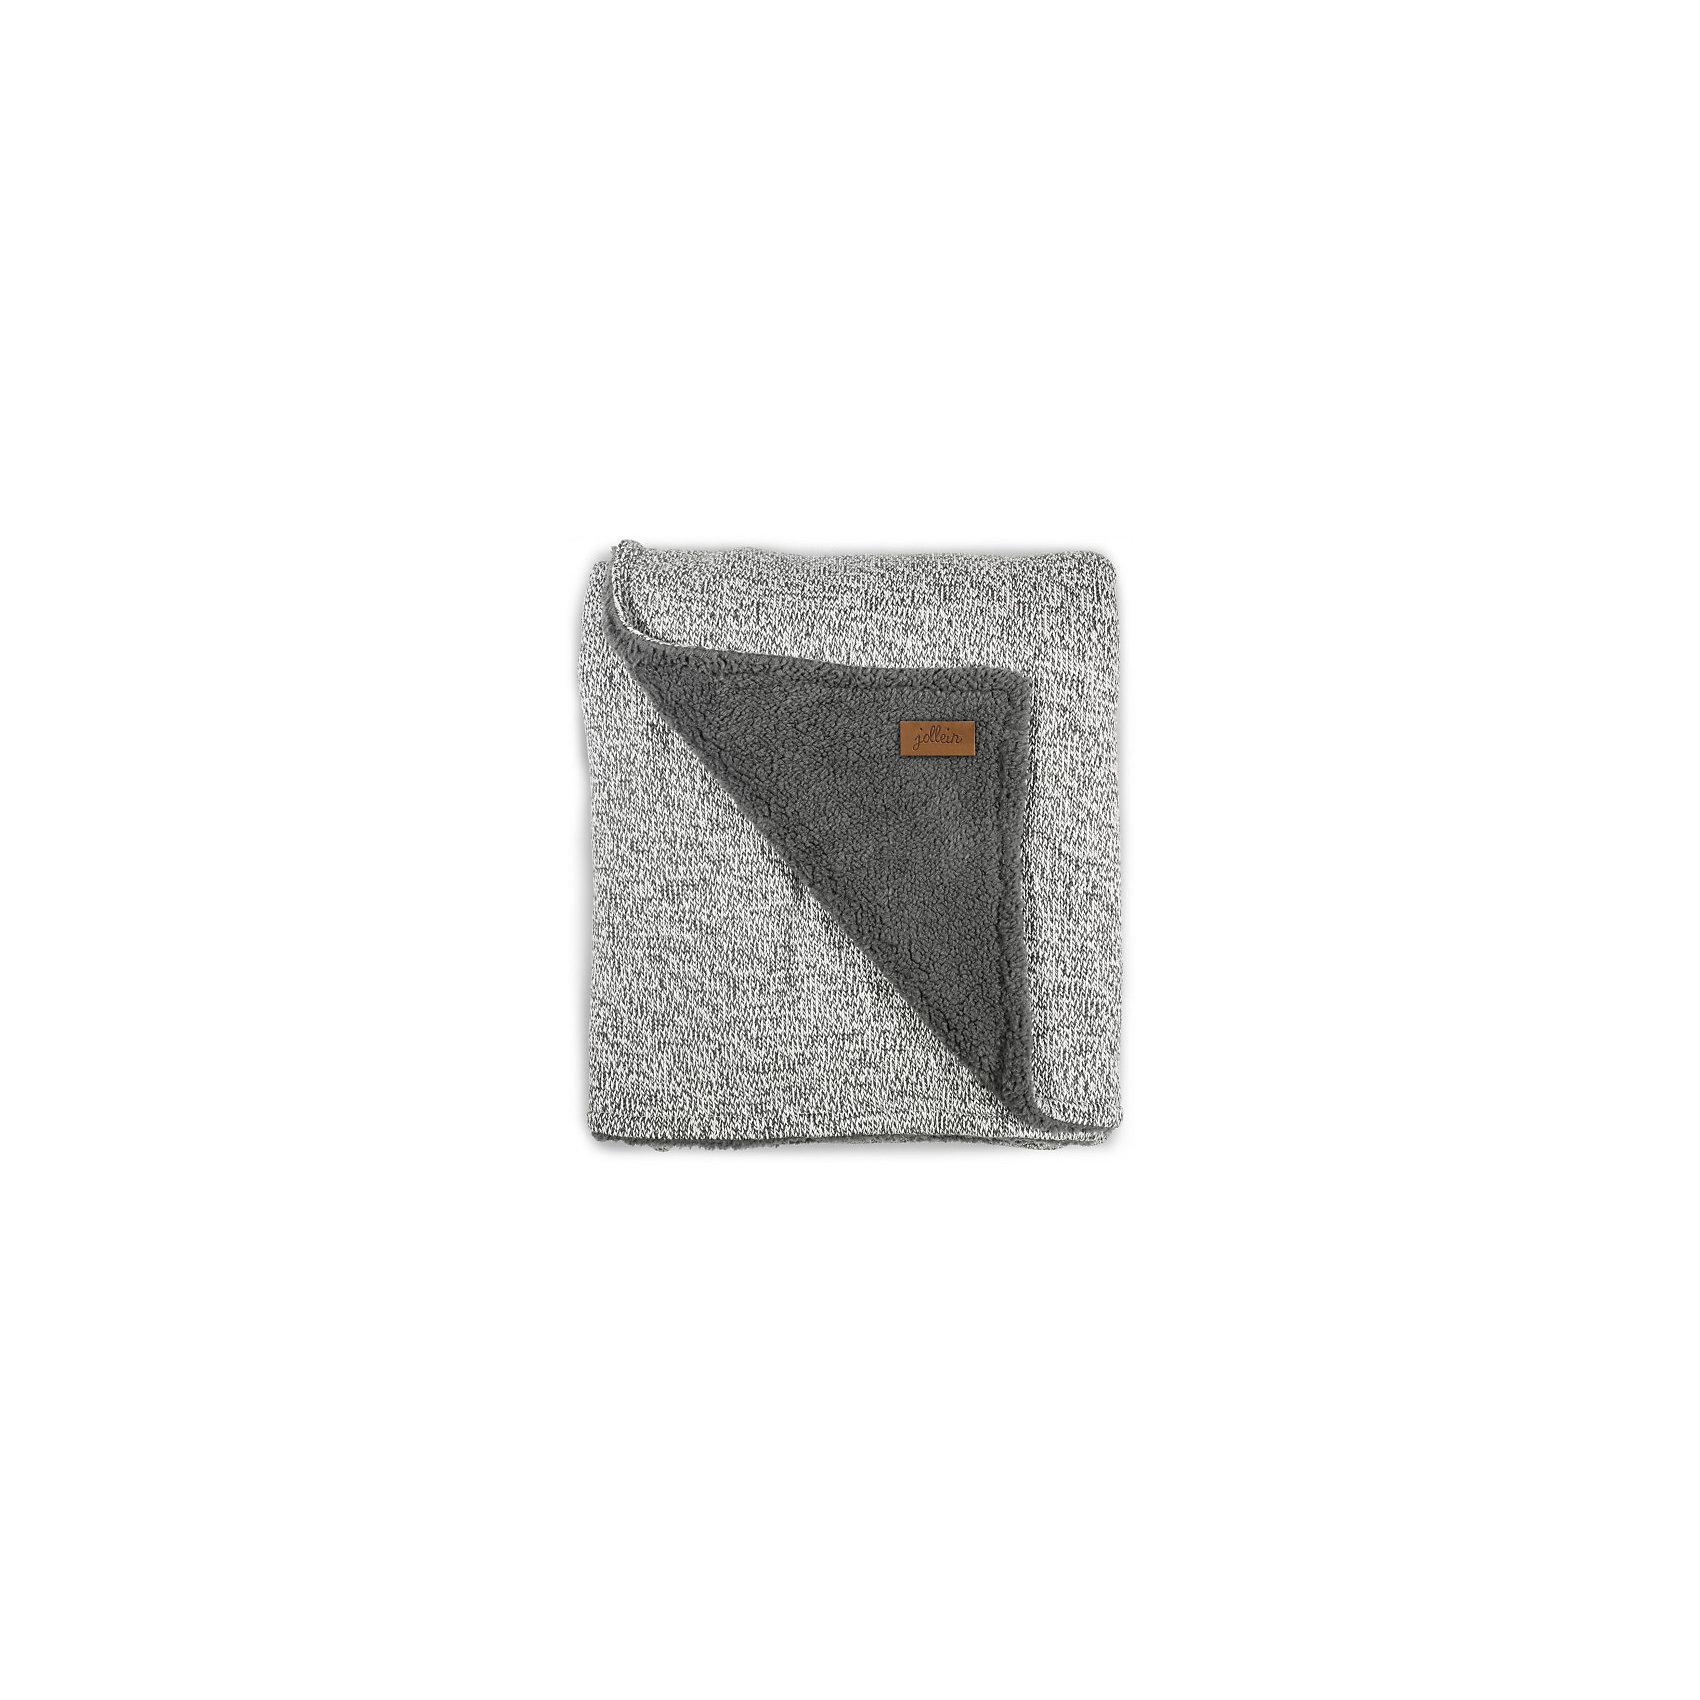 Вязаный плед с мехом 100х150 см, Jollein, Stonewashed knit greyОдеяла, пледы<br>Характеристики:<br><br>• Предназначение: для сна<br>• Пол: универсальный<br>• Сезон: круглый год<br>• Степень утепления: средняя<br>• Температурный режим: от +5? С<br>• Цвет: серый меланжевый<br>• Тематика рисунка: без рисунка<br>• Материал: 50% хлопок, 50% акрил; утеплитель – мех шерпы, 100% полиэстер<br>• Размер (Ш*Д): 100*150 см<br>• Вес: 750 г<br>• Особенности ухода: машинная или ручная стирка при температуре не более 60 градусов<br><br>Вязаный плед с мехом 100х150 см, Jollein, Stonewashed knit grey от торговой марки Жолляйн, которая является признанным лидером среди аналогичных брендов, выпускающих детское постельное белье и текстиль для новорожденных и детей. Продукция этого торгового бренда отличается высоким качеством и дизайнерским стилем. <br><br>Плед выполнен из вязаного полотна, выполненного из сочетания хлопка и акрила, что обеспечивает изделию высокие гигиенические, гигроскопические и гипоаллергенные качества. Благодаря акрилу плед хорошо сохраняет цвет и форму. Повышенные тепловые качества изделию обеспечивает мех шерпы, который отличается мягкостью, гипоаллергенностью и в процессе эксплуатации не электризуется. <br><br>Плед выполнен в брендовом дизайне: вязаное полотно стильного серого цвета. Вязаный плед с мехом 100х150 см, Jollein, Stonewashed knit grey – это плед, который подарит тепло, уют и роскошь классического стиля!<br><br>Вязаный плед с мехом 100х150 см, Jollein, Stonewashed knit grey можно купить в нашем интернет-магазине.<br><br>Ширина мм: 250<br>Глубина мм: 300<br>Высота мм: 100<br>Вес г: 1010<br>Возраст от месяцев: 0<br>Возраст до месяцев: 36<br>Пол: Унисекс<br>Возраст: Детский<br>SKU: 5367187